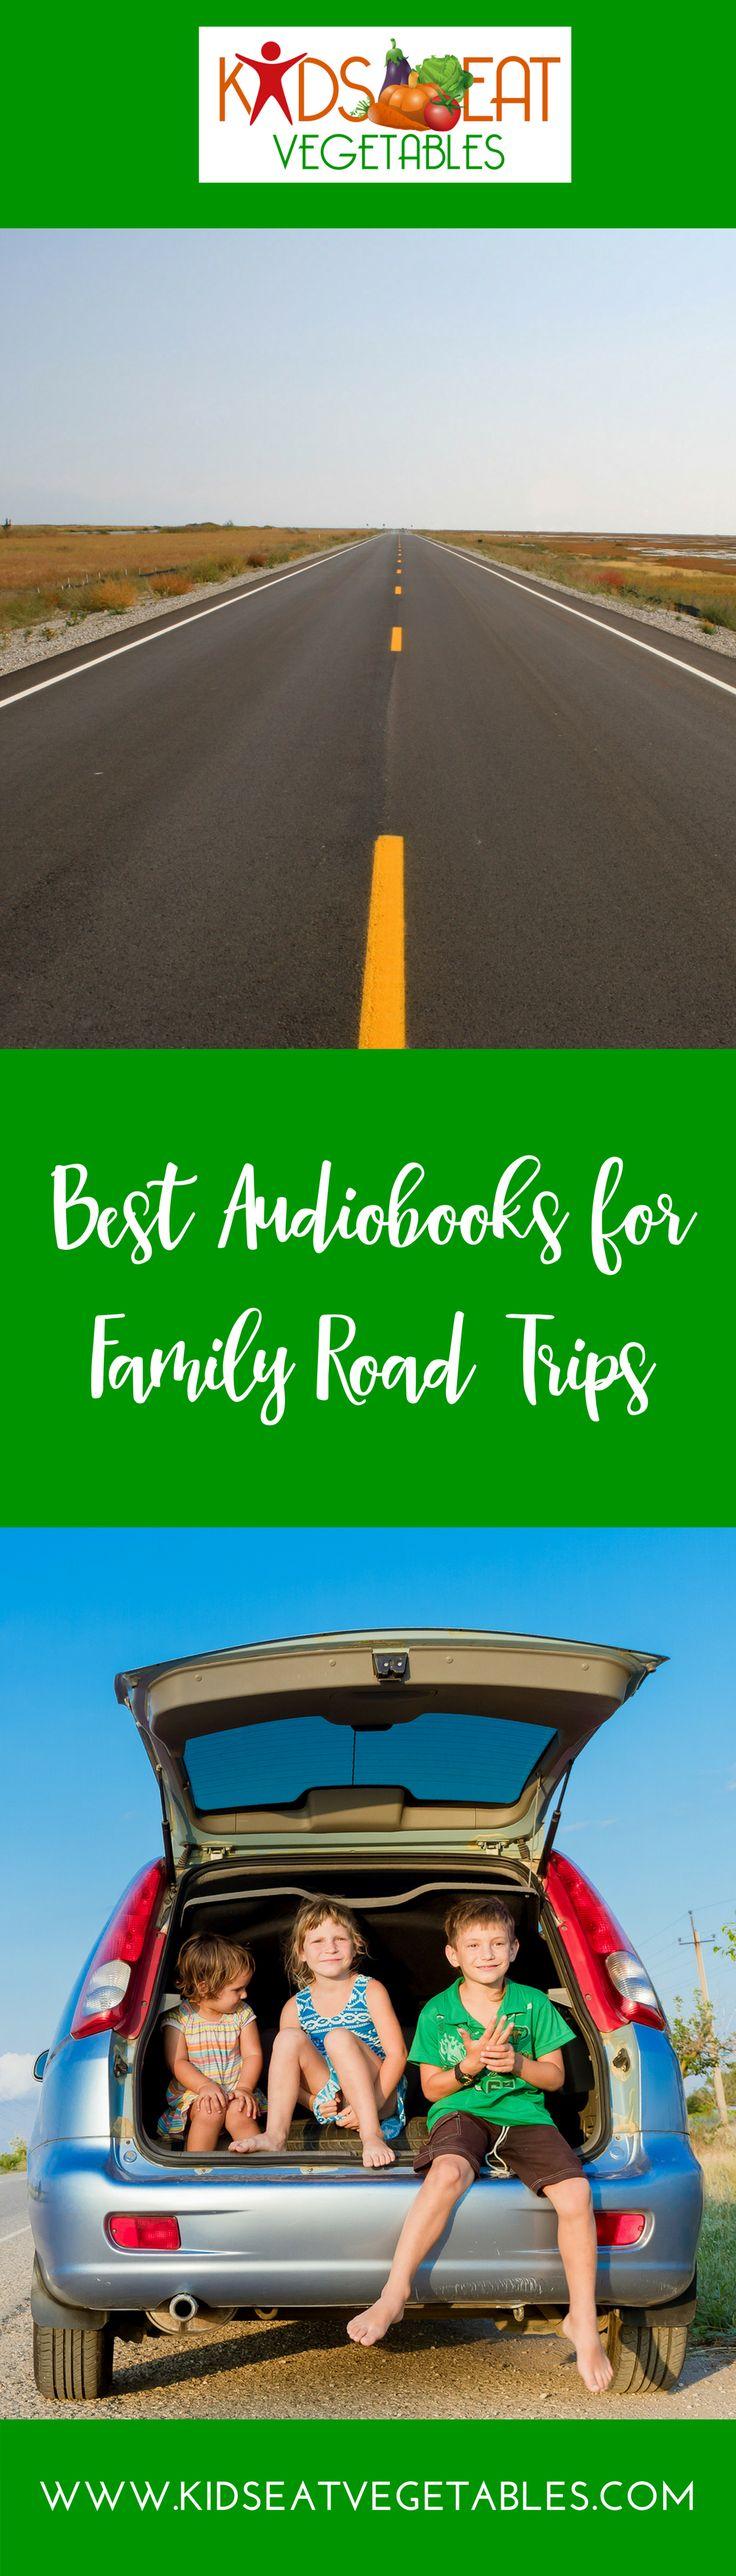 Best Audiobooks For Family Road Trips